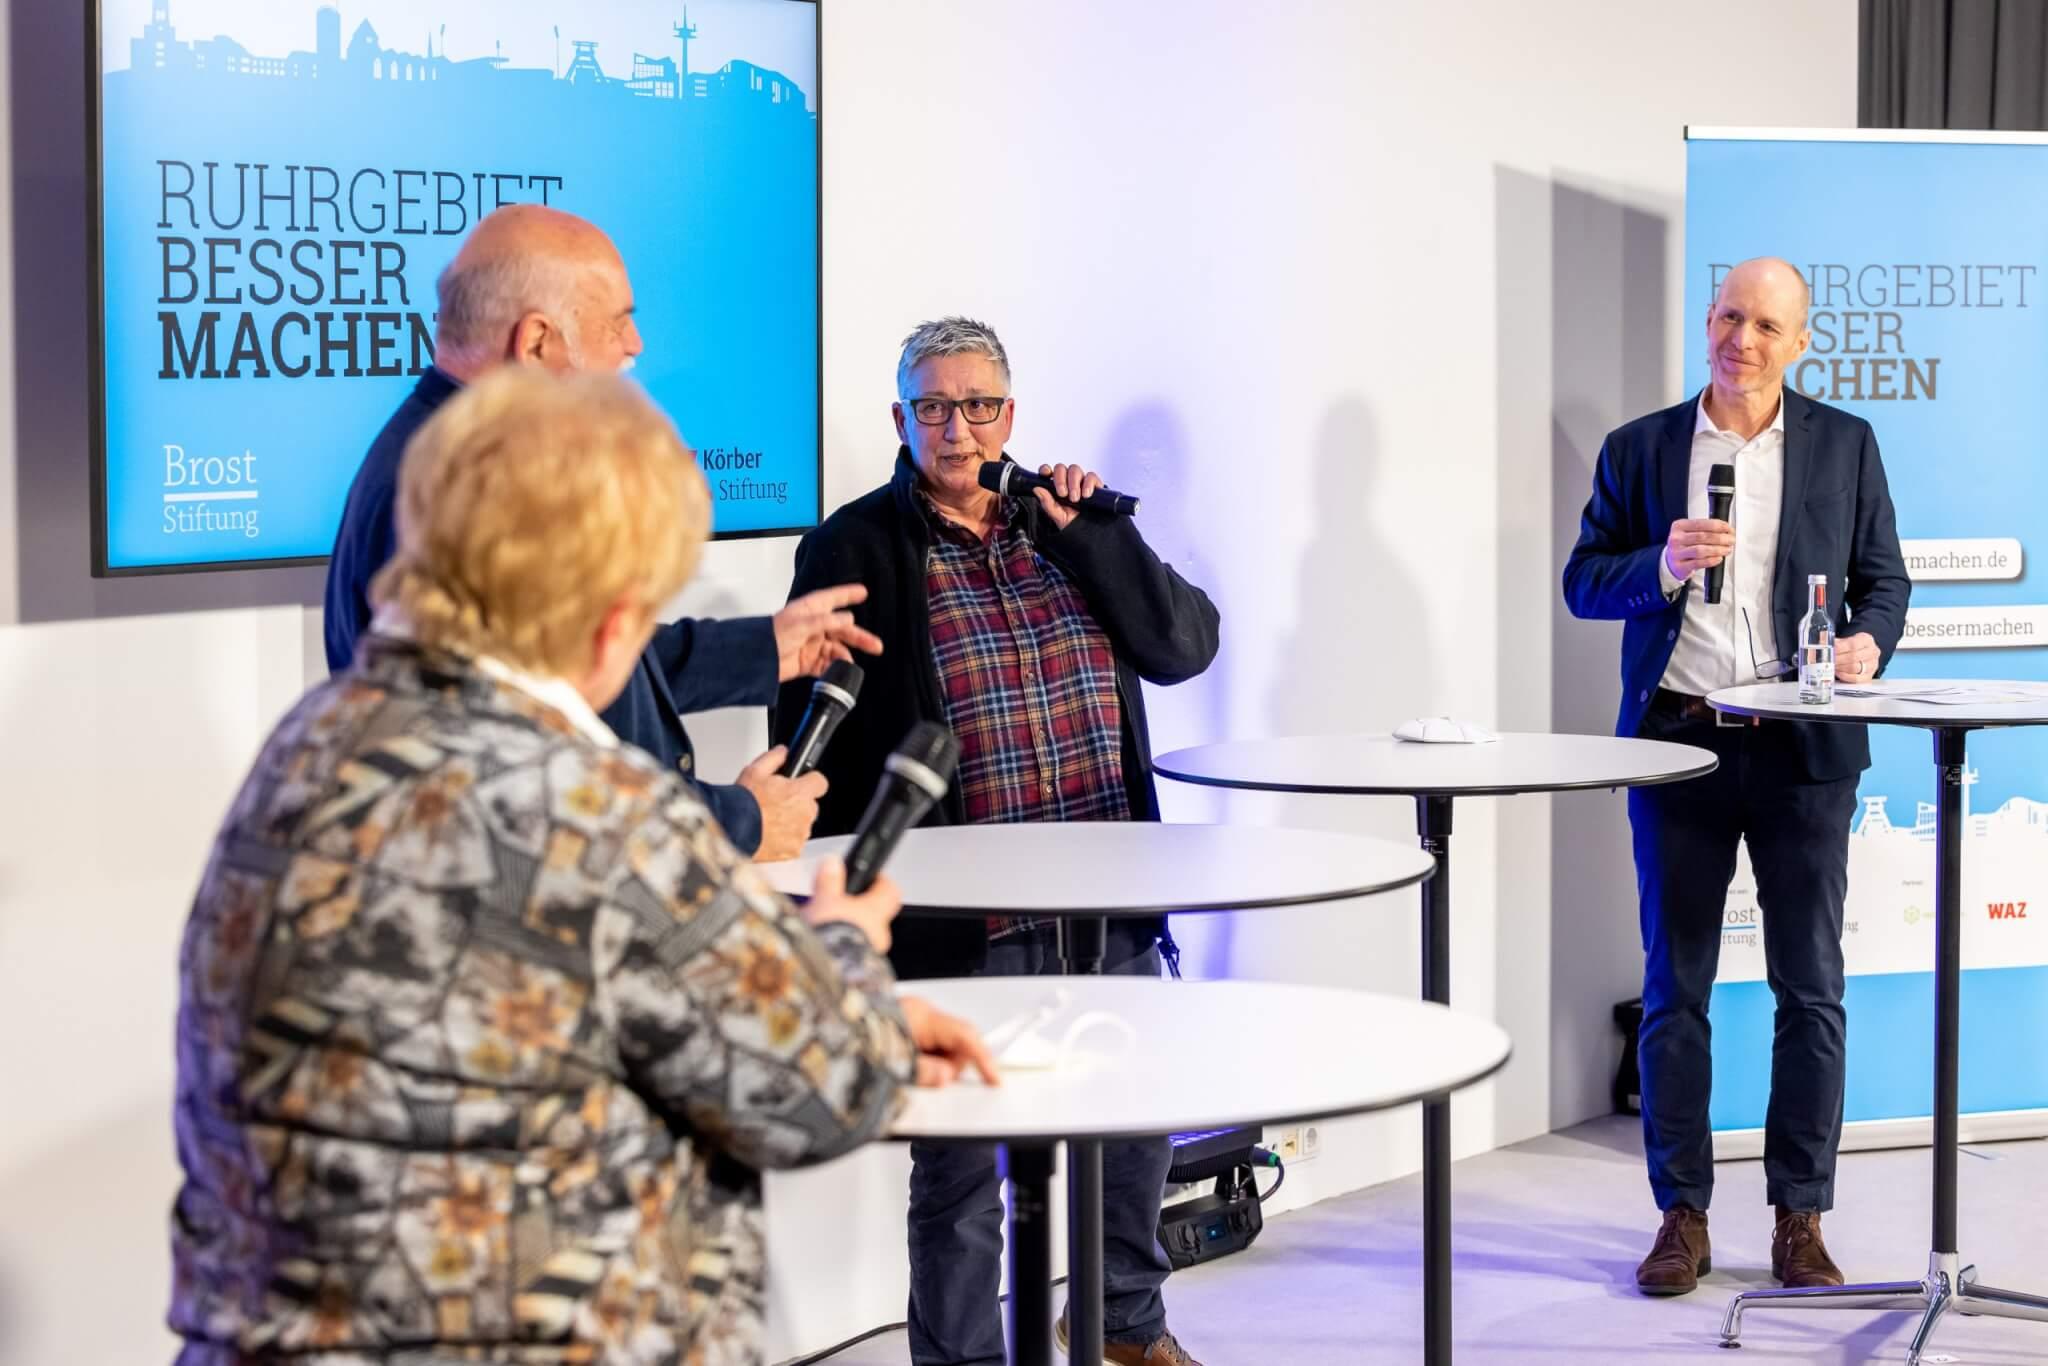 Die Ideenbotschafter Edeltraut Krause, Peter Jötten und Nora Schrage-Schmücker (v.l.n.r.) wollen, dass die Ideen der Bürger*innen nachhaltig wirken können